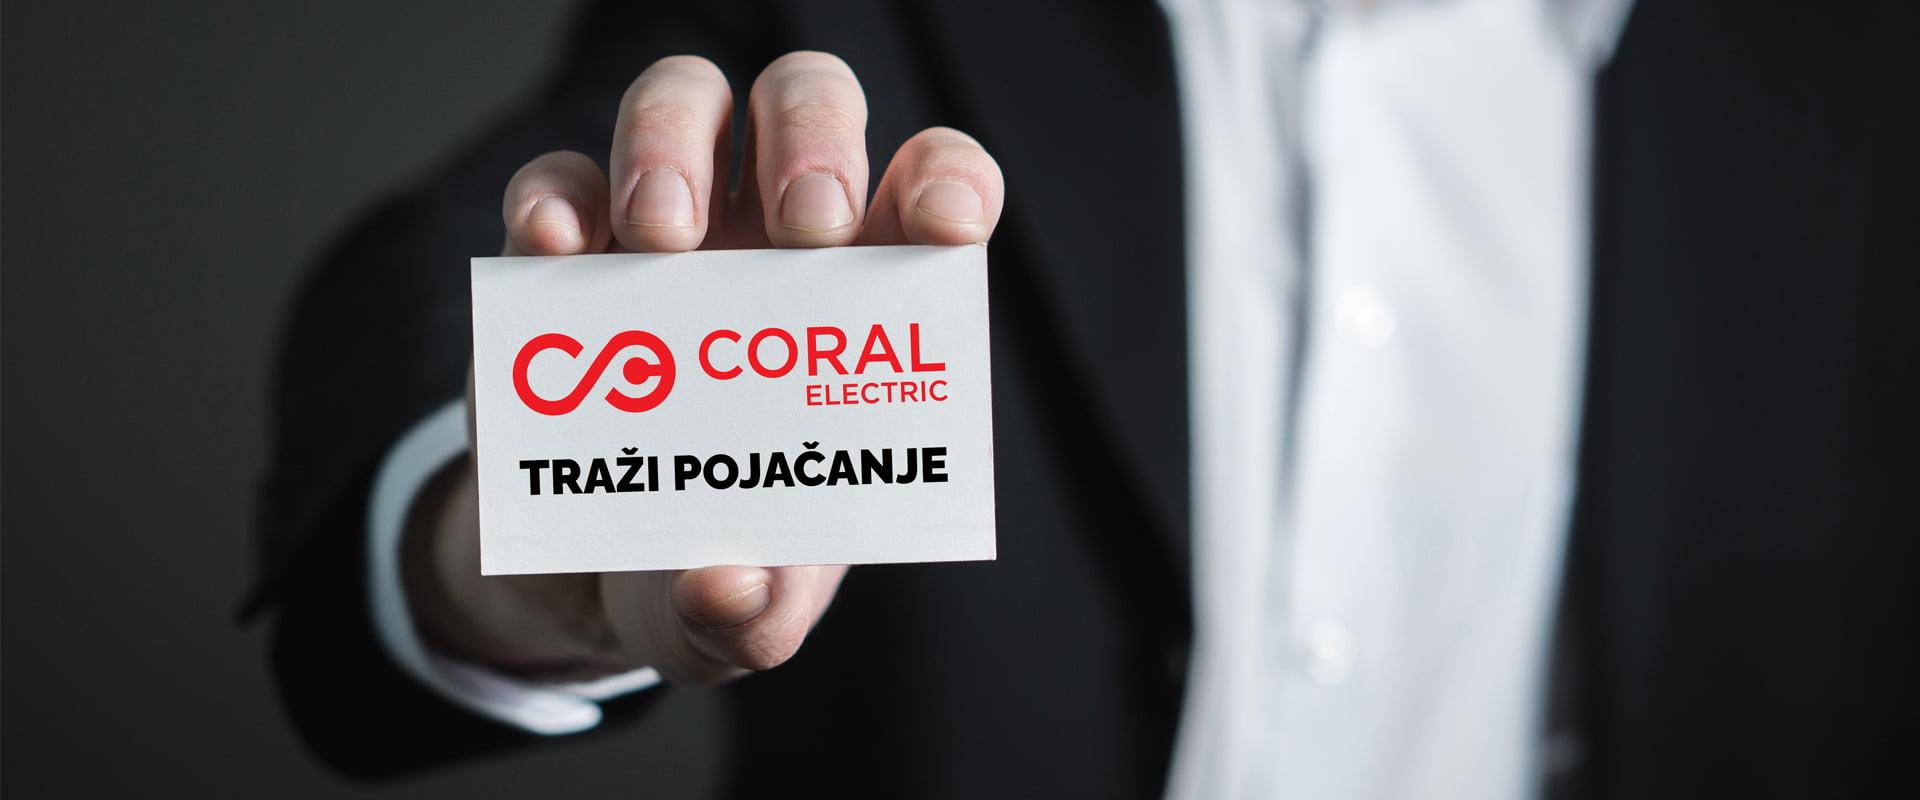 coral-trazi-pojacanje